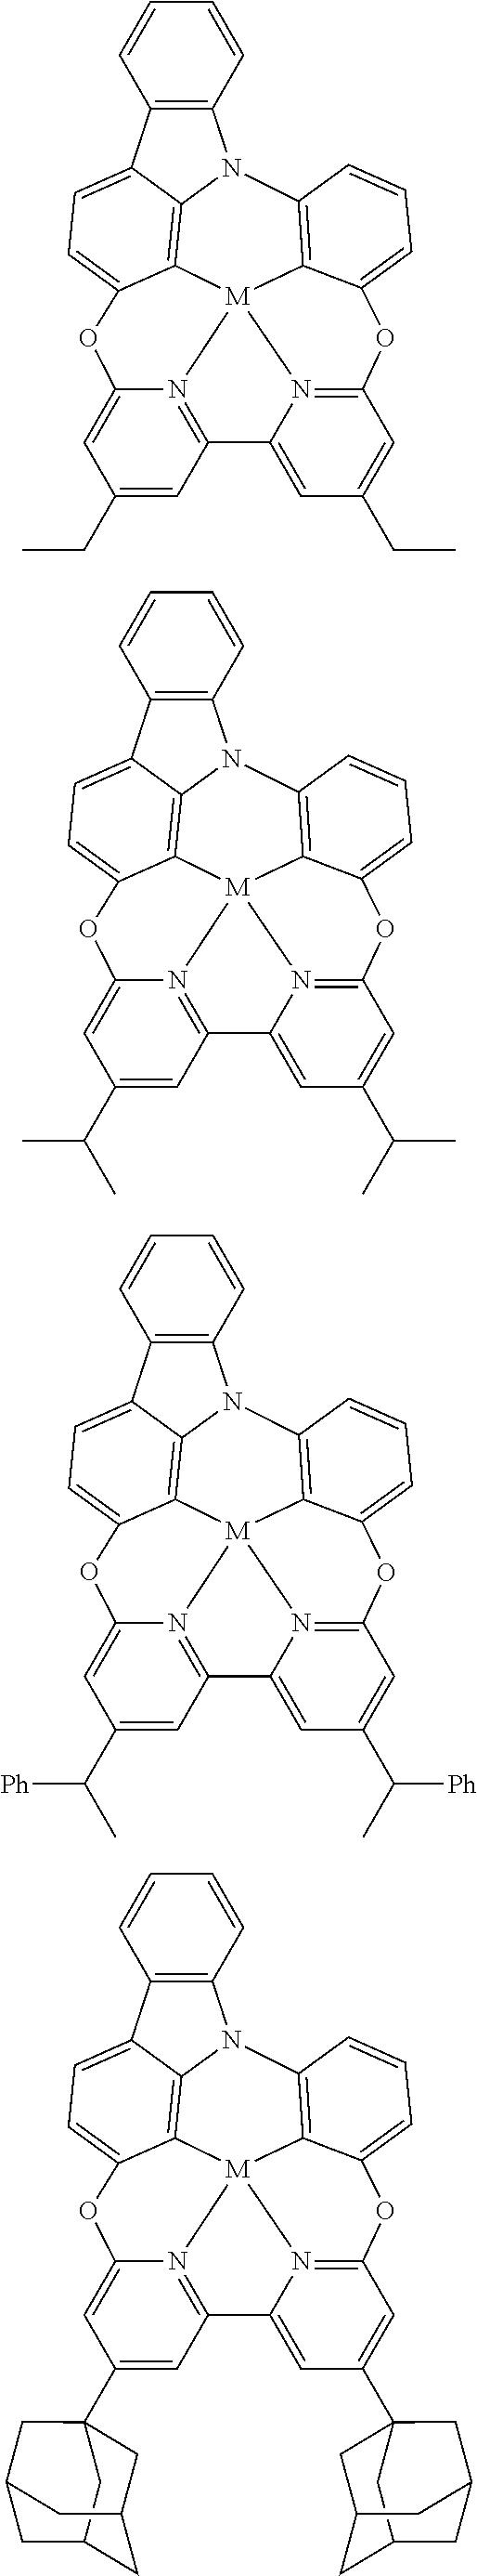 Figure US10158091-20181218-C00087